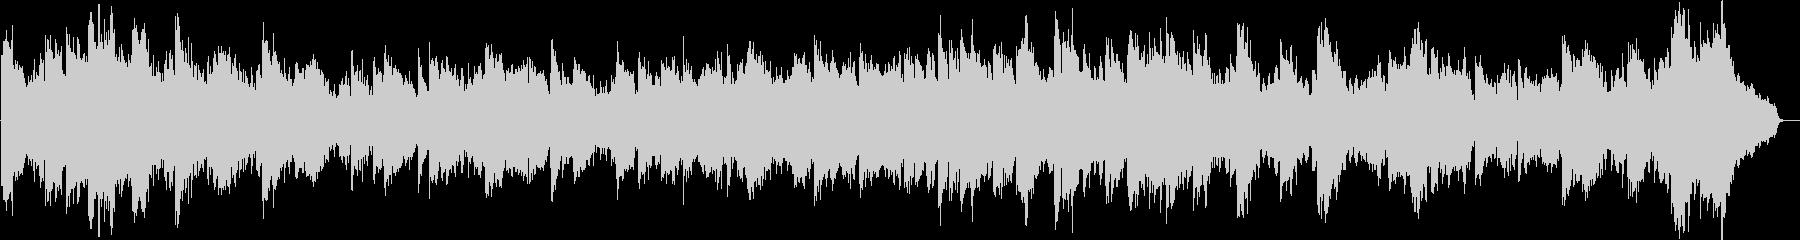 ショパンのエチュード Op10 No1の未再生の波形